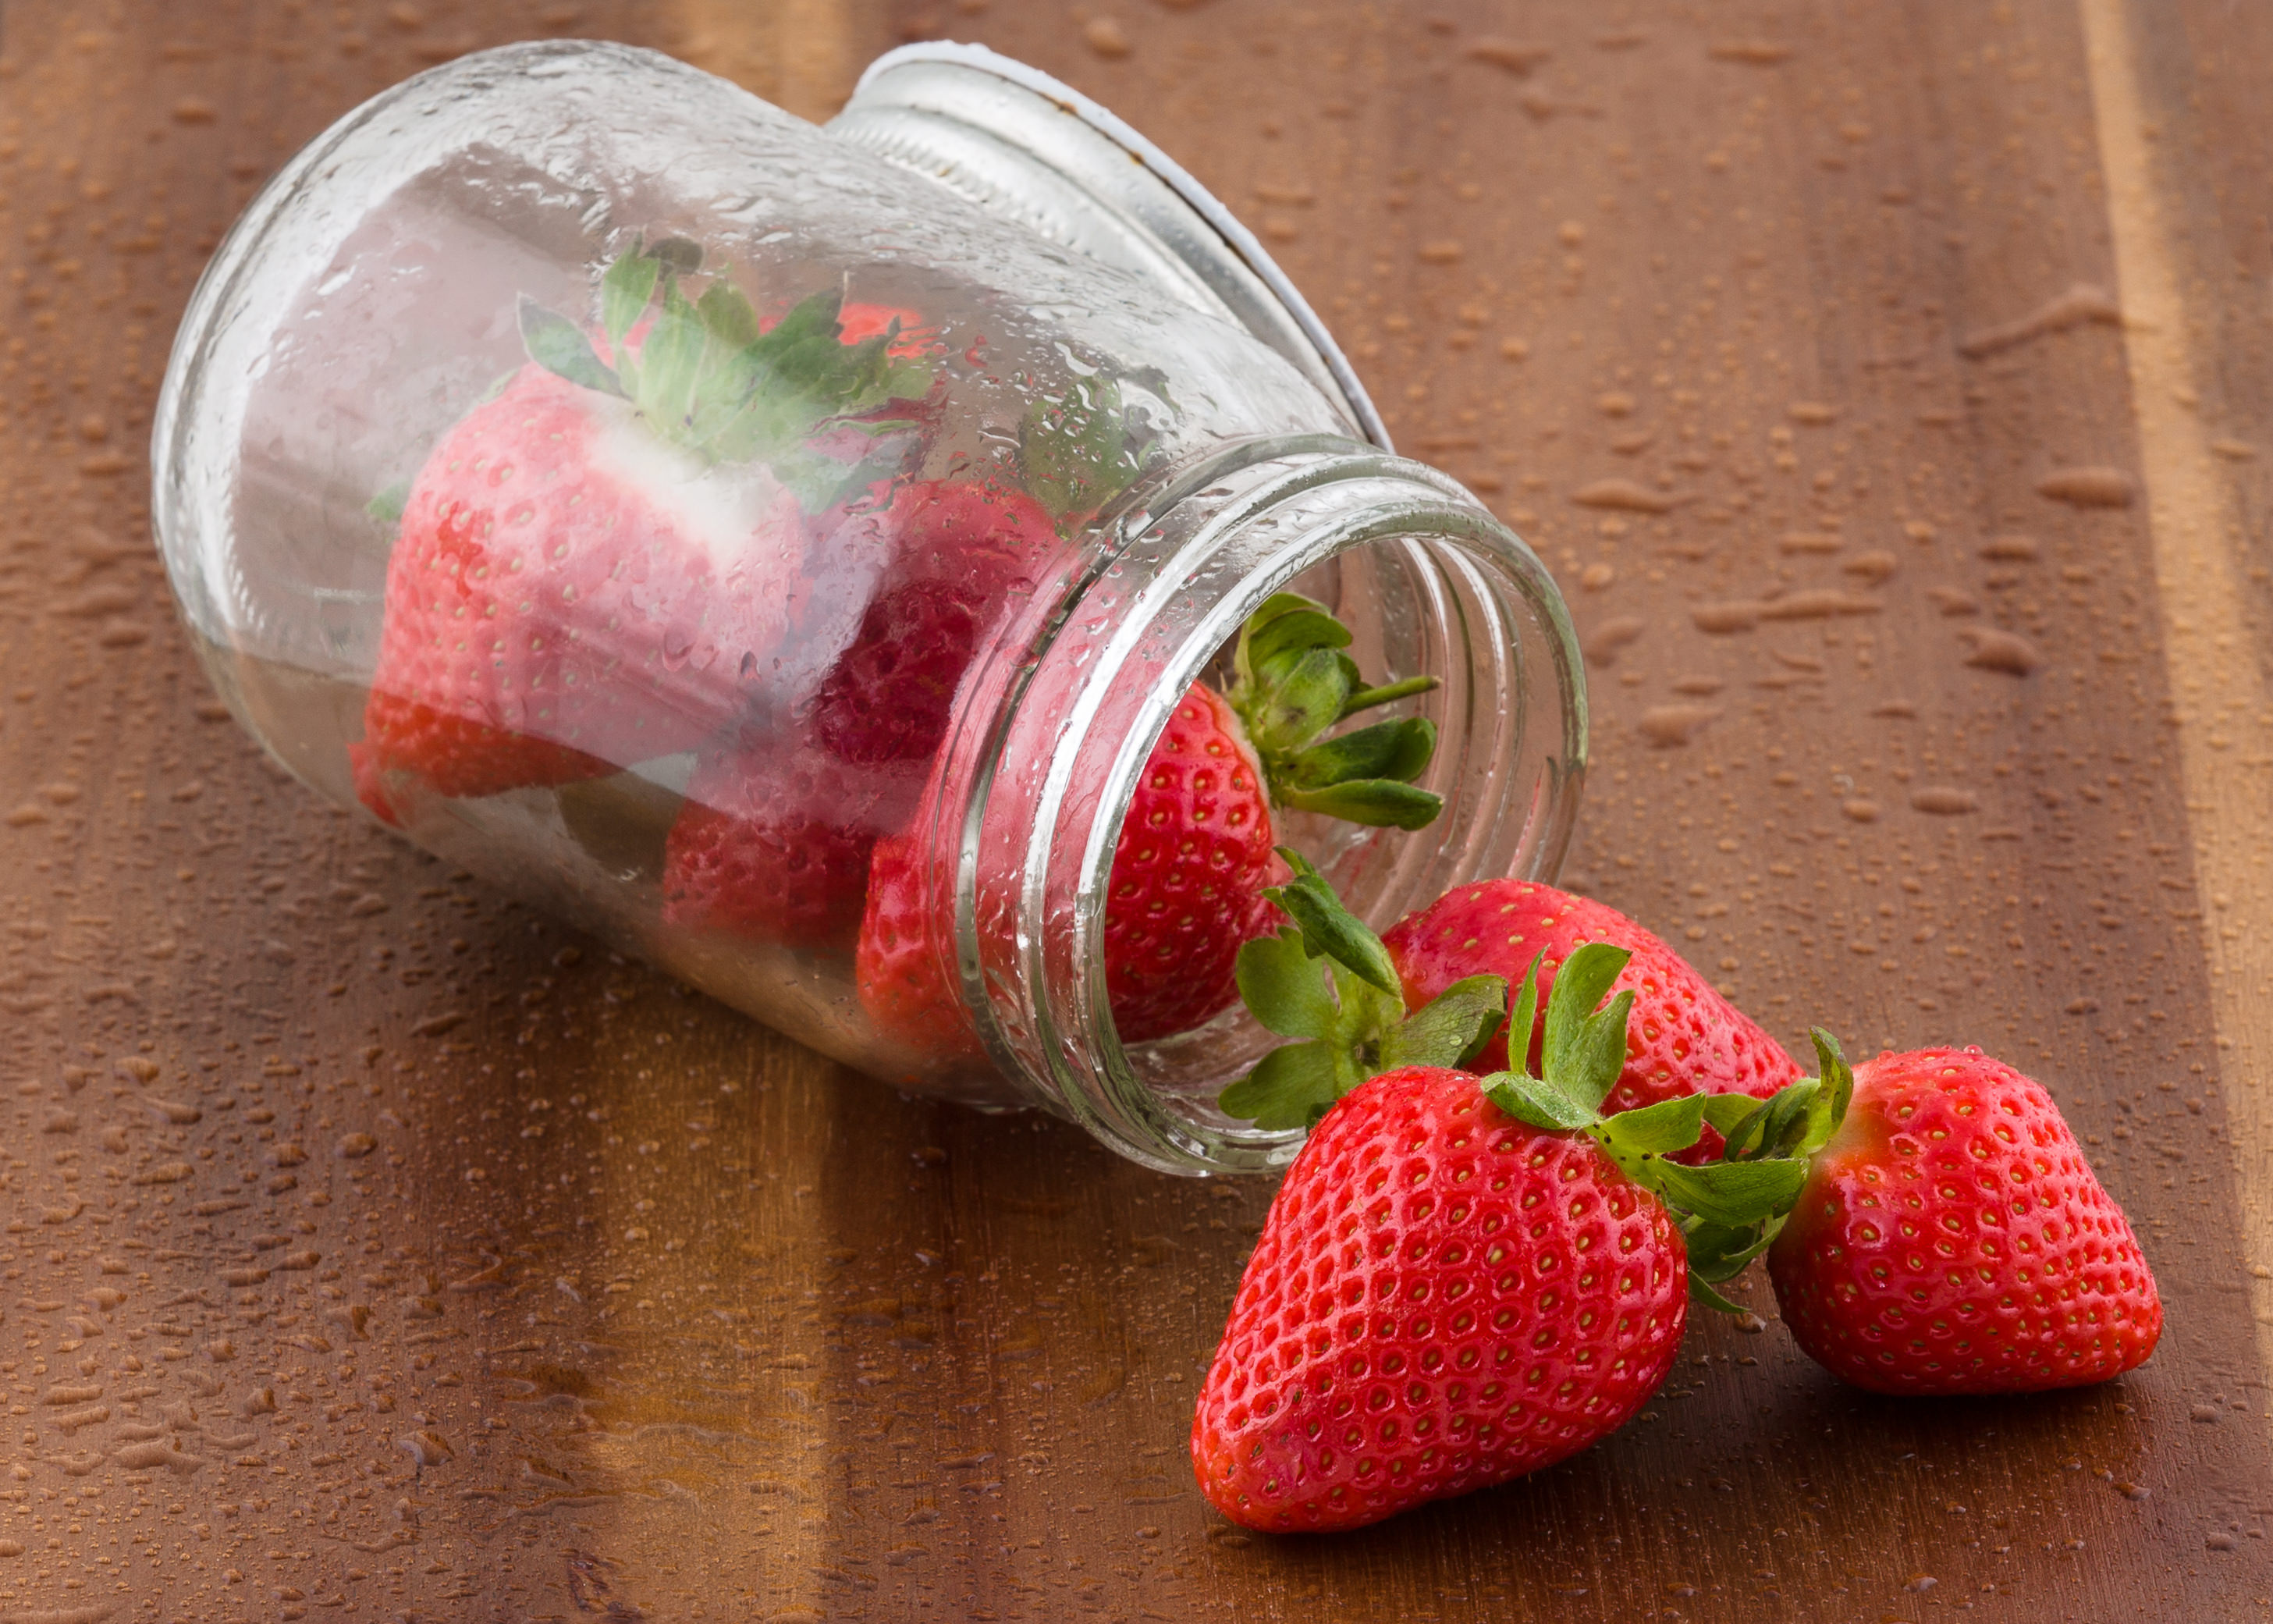 Die schönsten Erdbeer-Geschenke zu Weihnachten